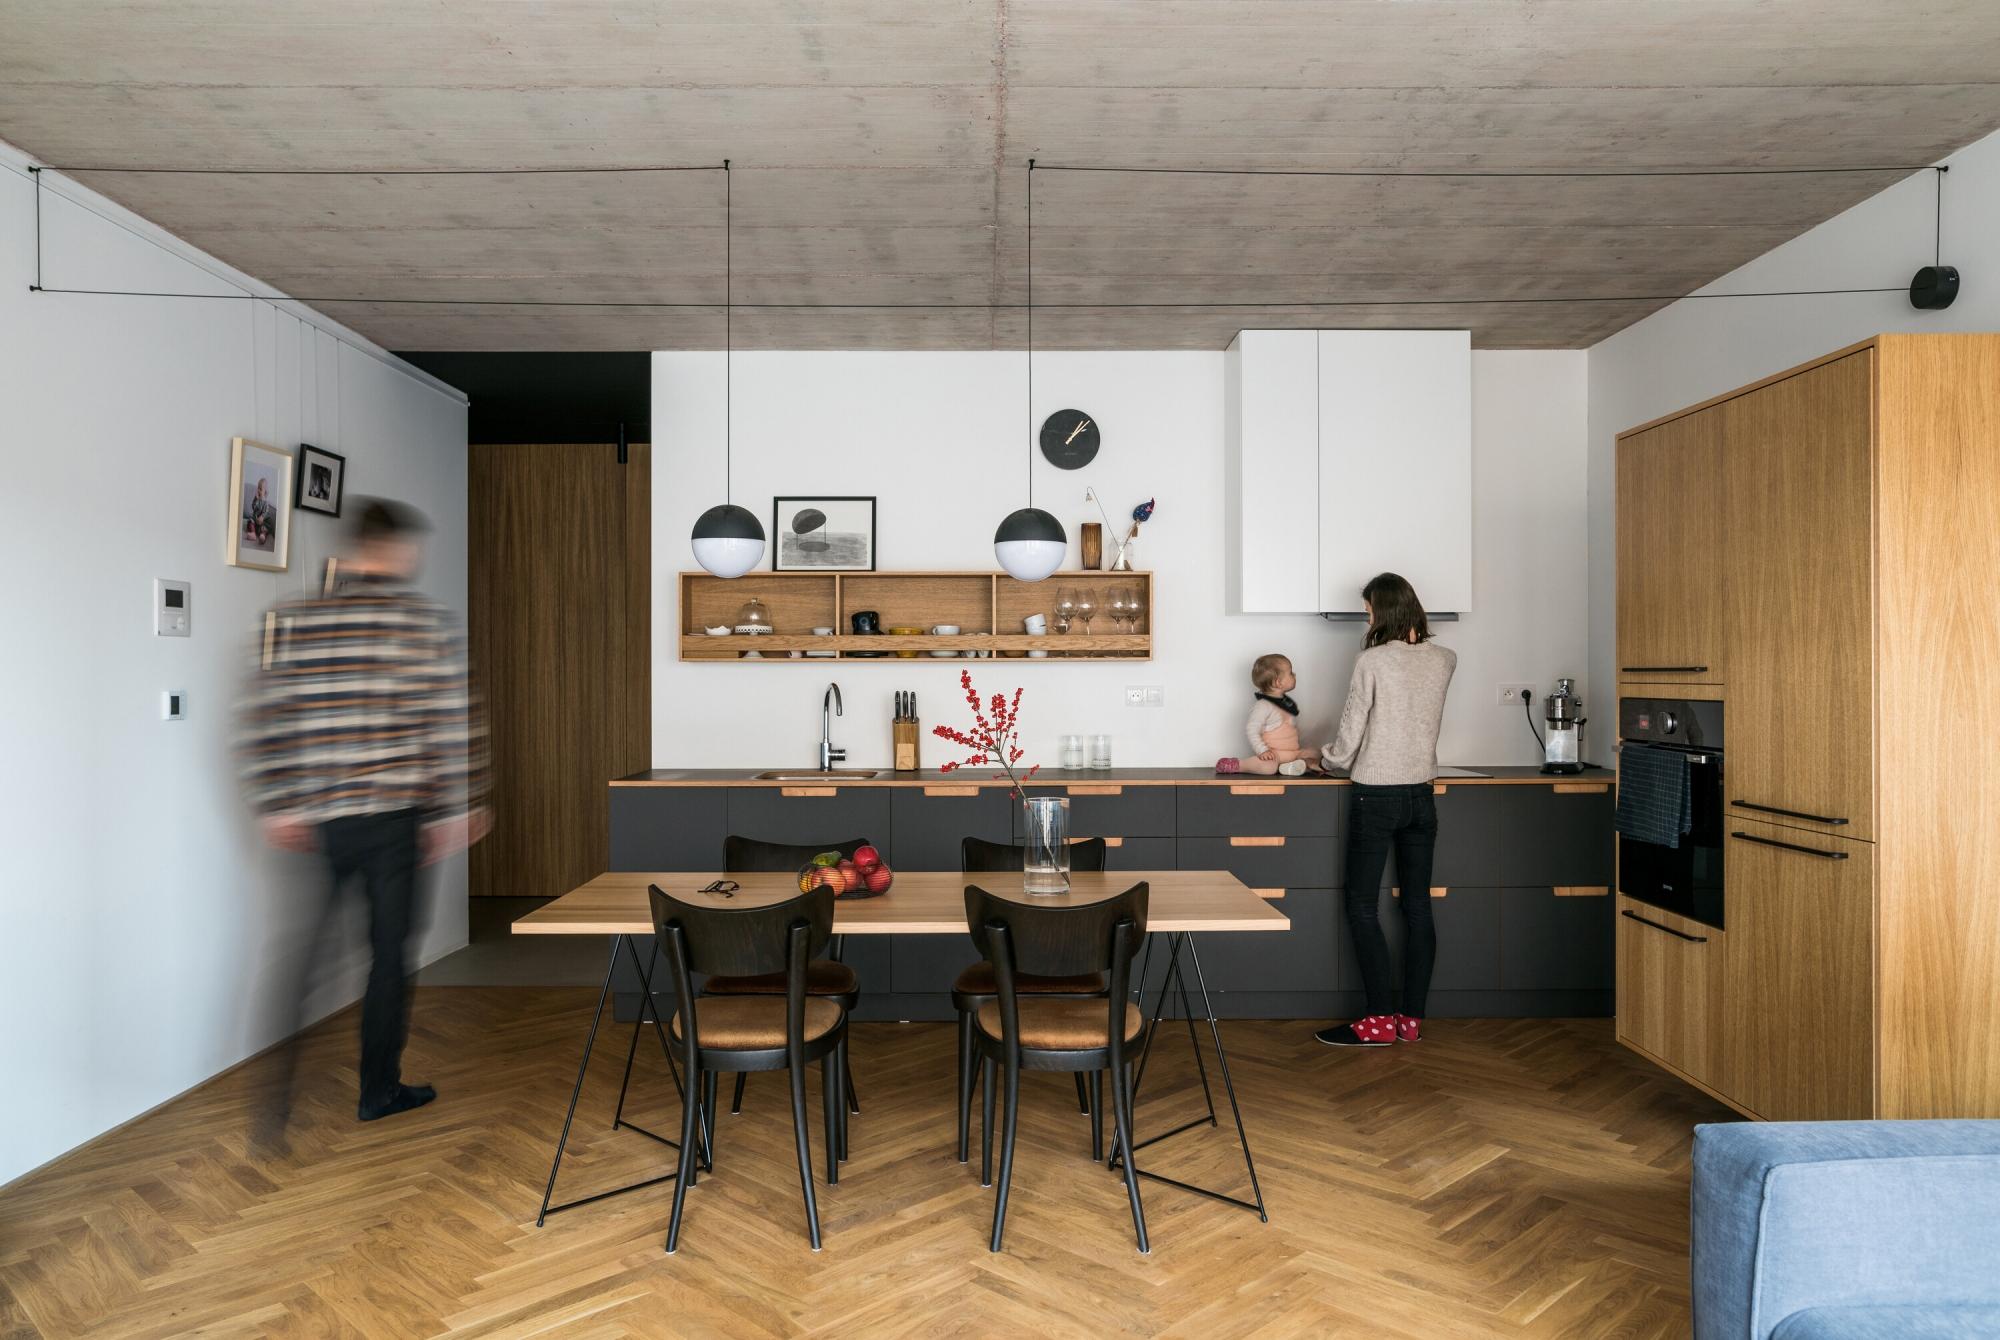 mieszkanie rodziny